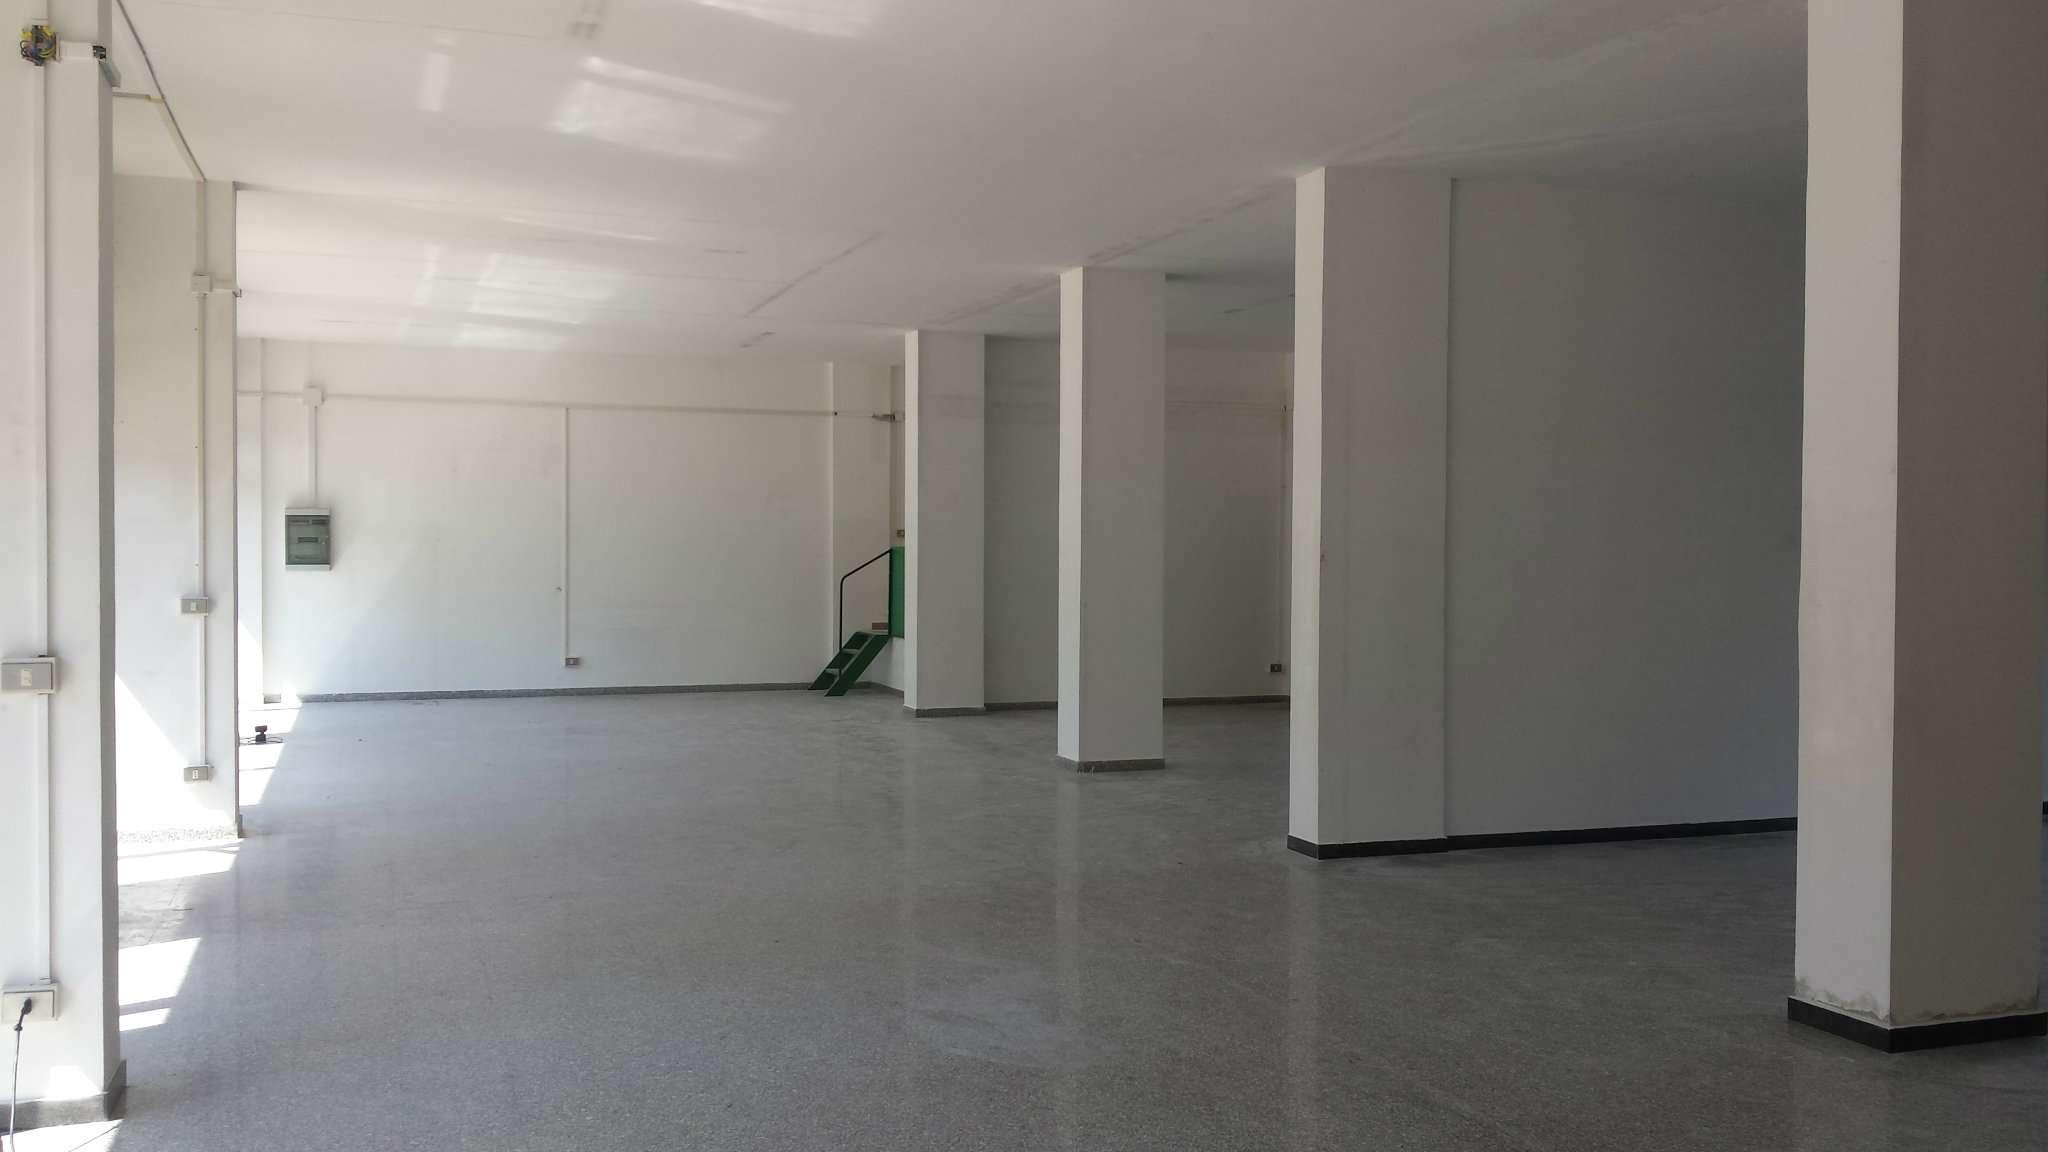 Negozio / Locale in affitto a Taranto, 9999 locali, prezzo € 1.300 | Cambio Casa.it